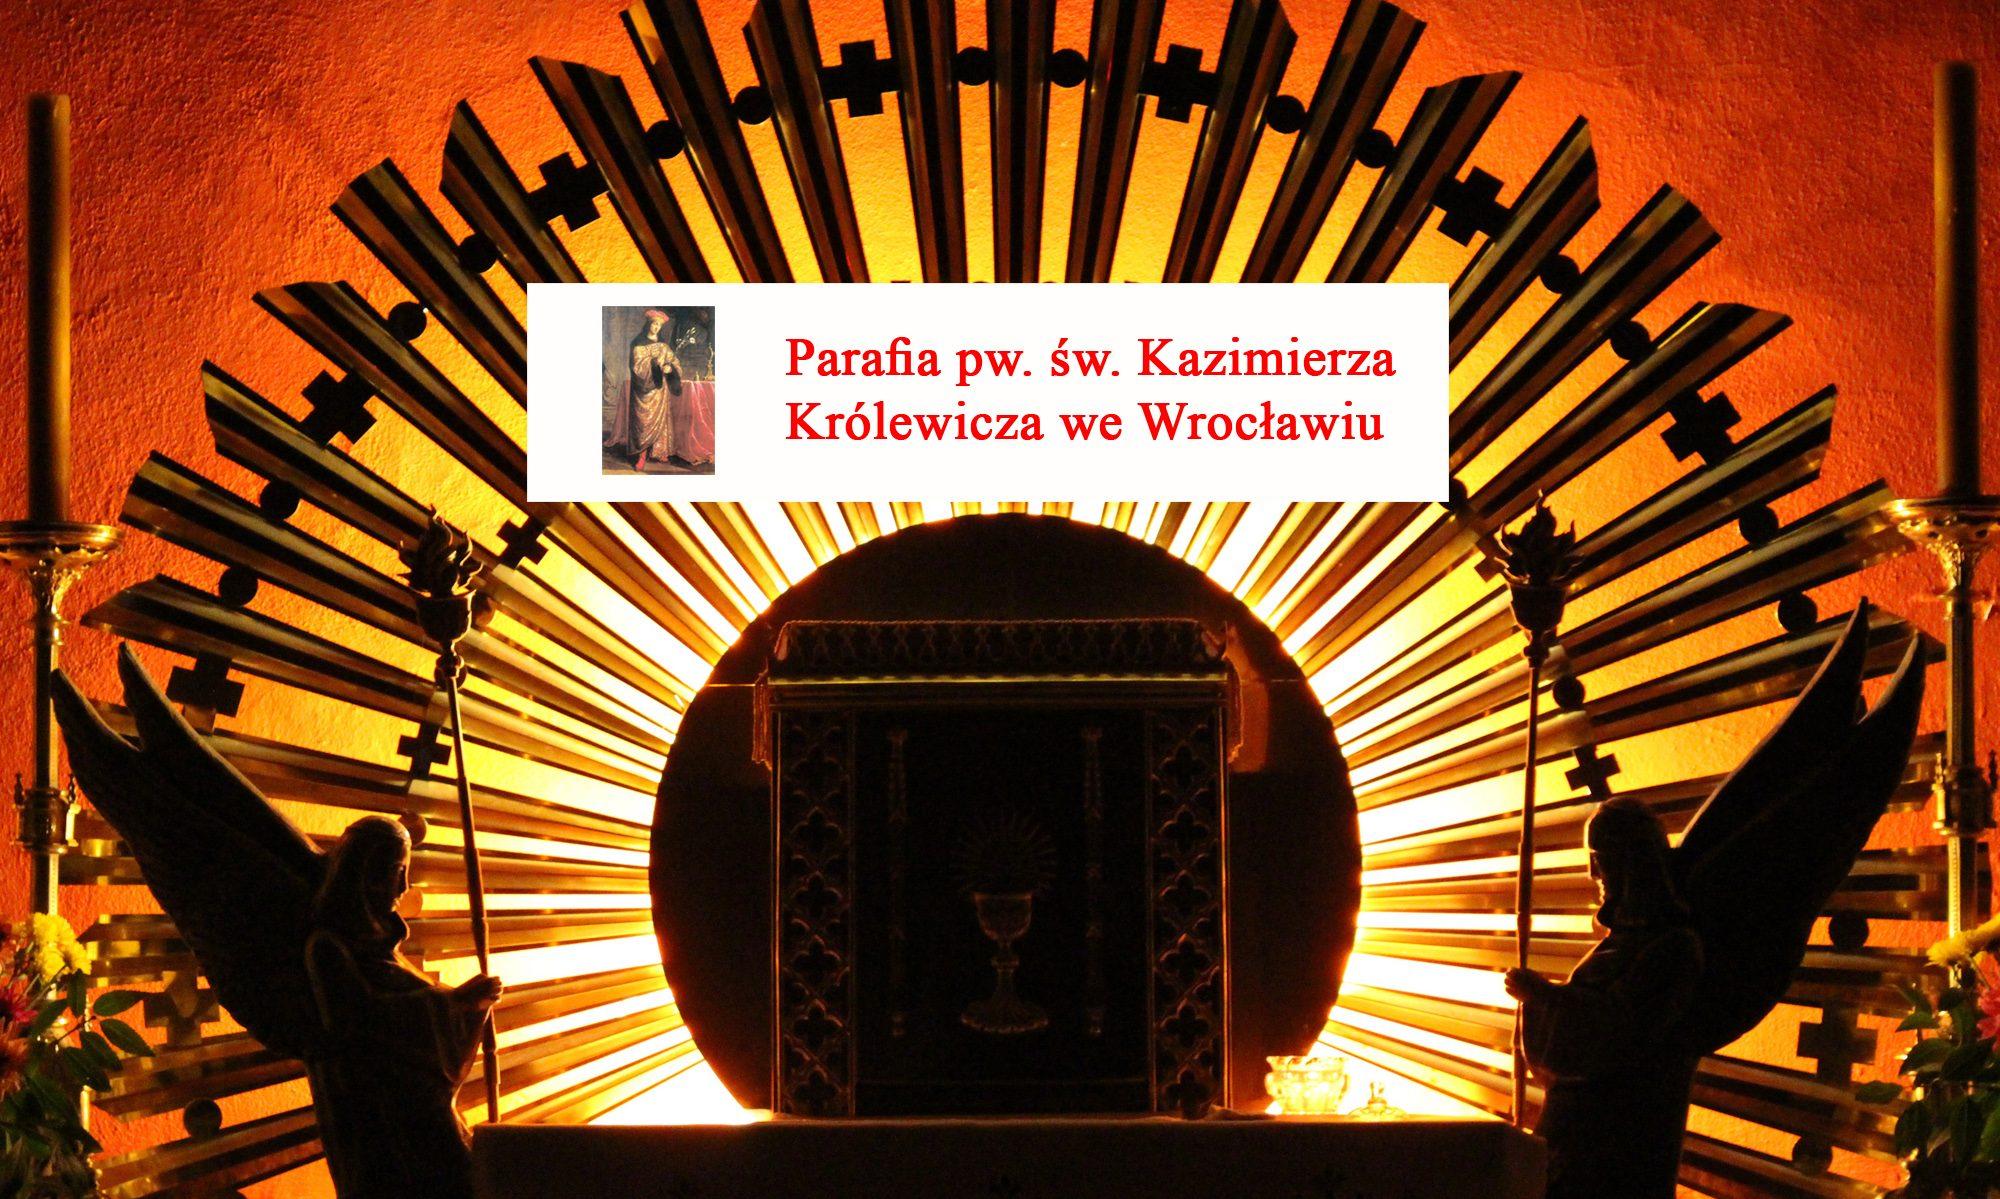 Parafia pw. św. Kazimierza Królewicza